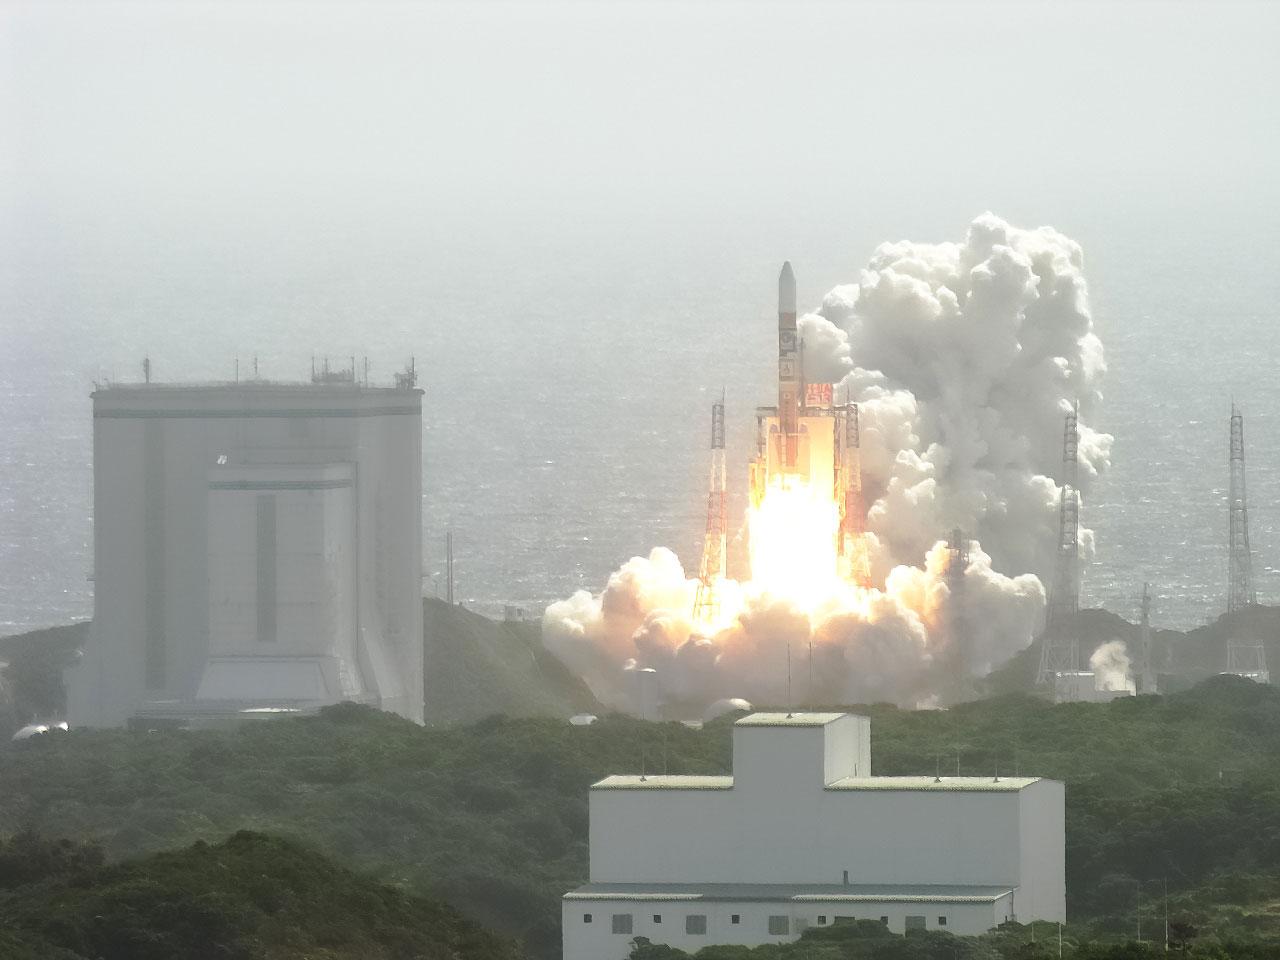 Kaguya'nın H-IIA roketiyle Tanegashima Uzay Üssü'nden ateşlenmesi. [JAXA]